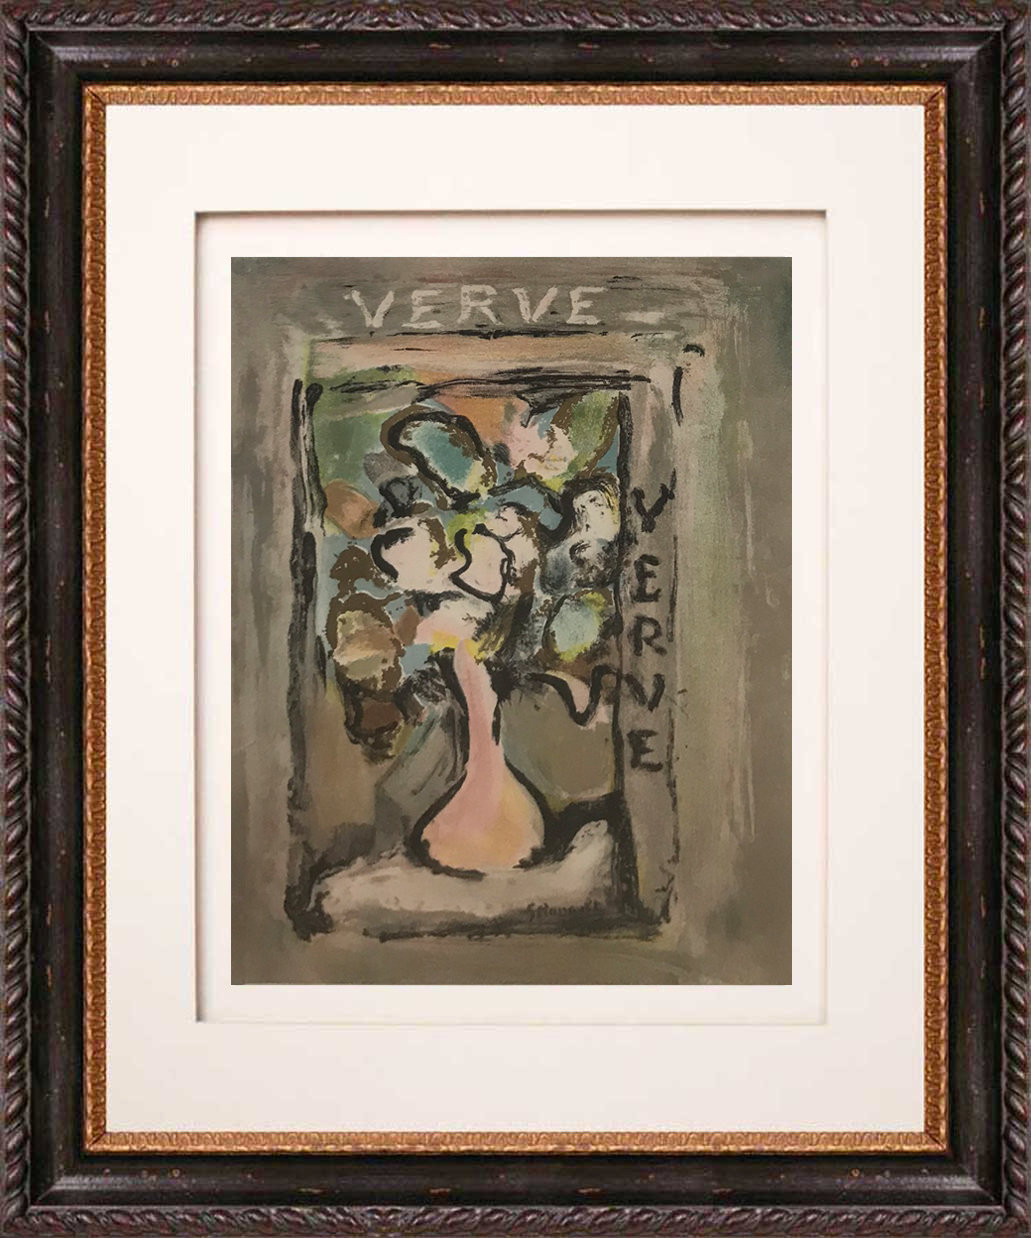 Georges Rouault Lithograph, Revue Verve Artistic 1938